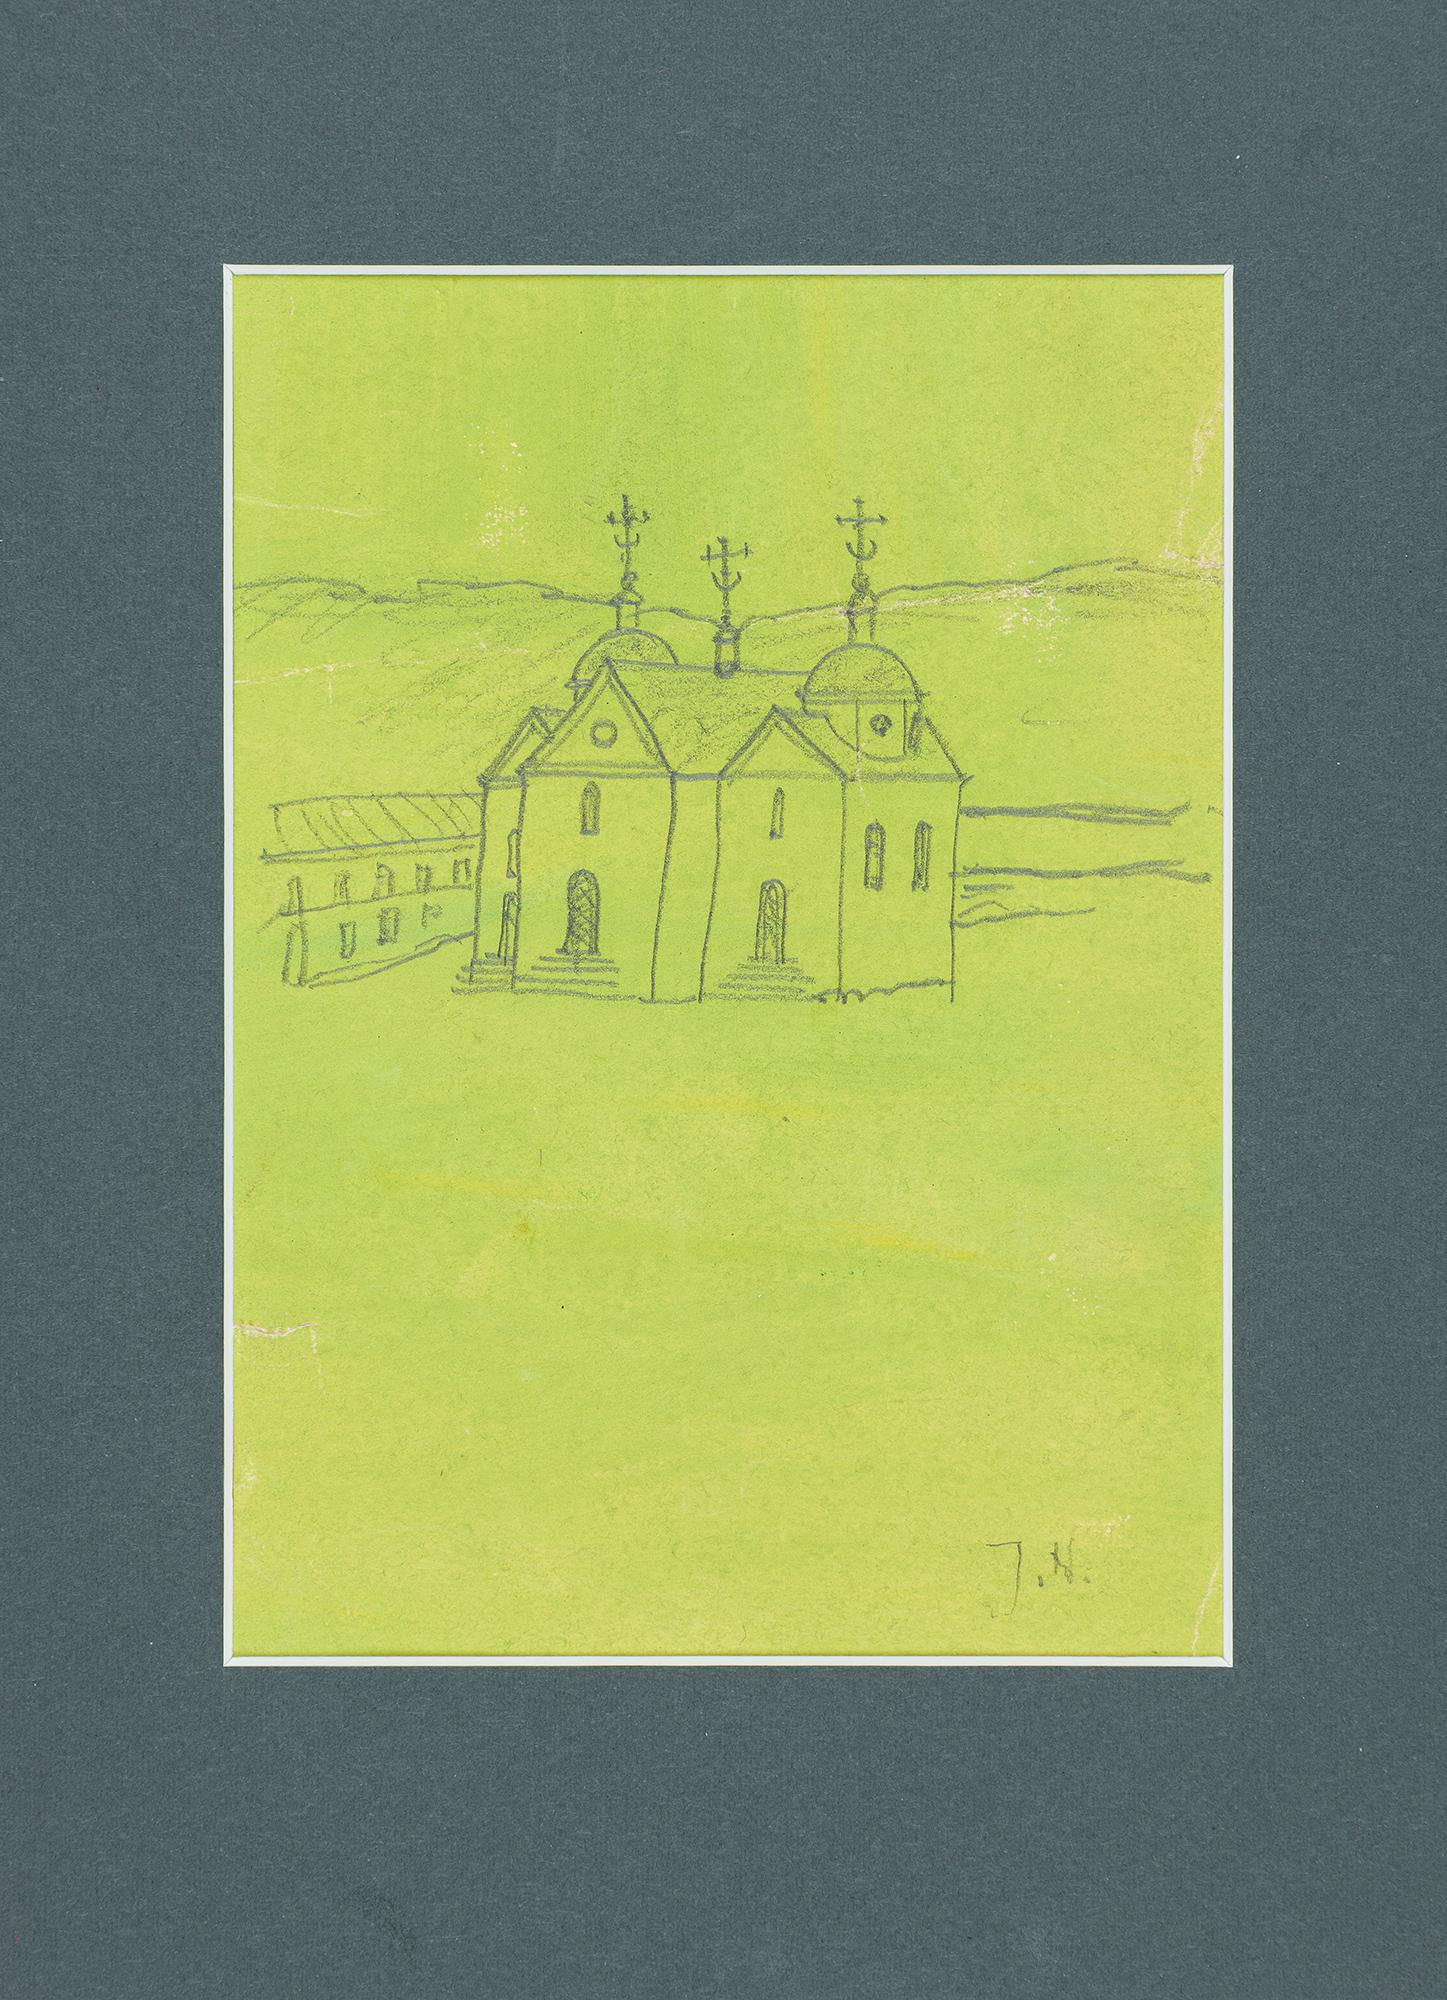 Cerkiew murowana na zielonym tle / na odwrocie szkic wsi z drewnianą cerkwią zrębową